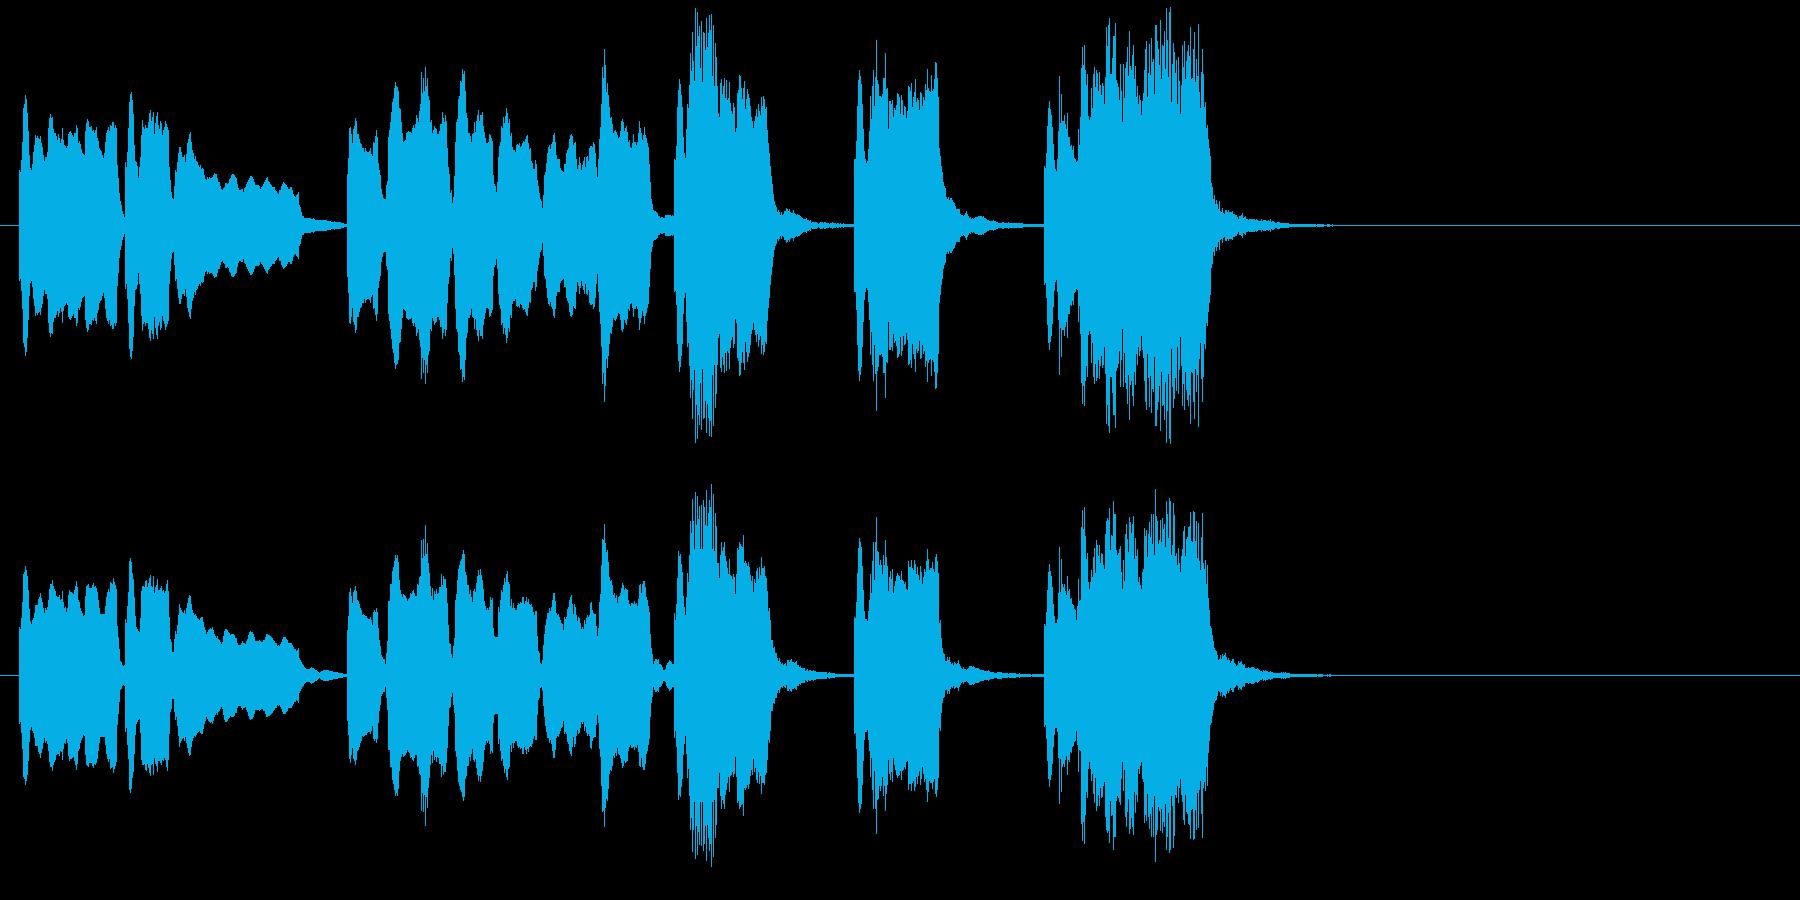 シンプルに切なく響くバイオリンジングルの再生済みの波形